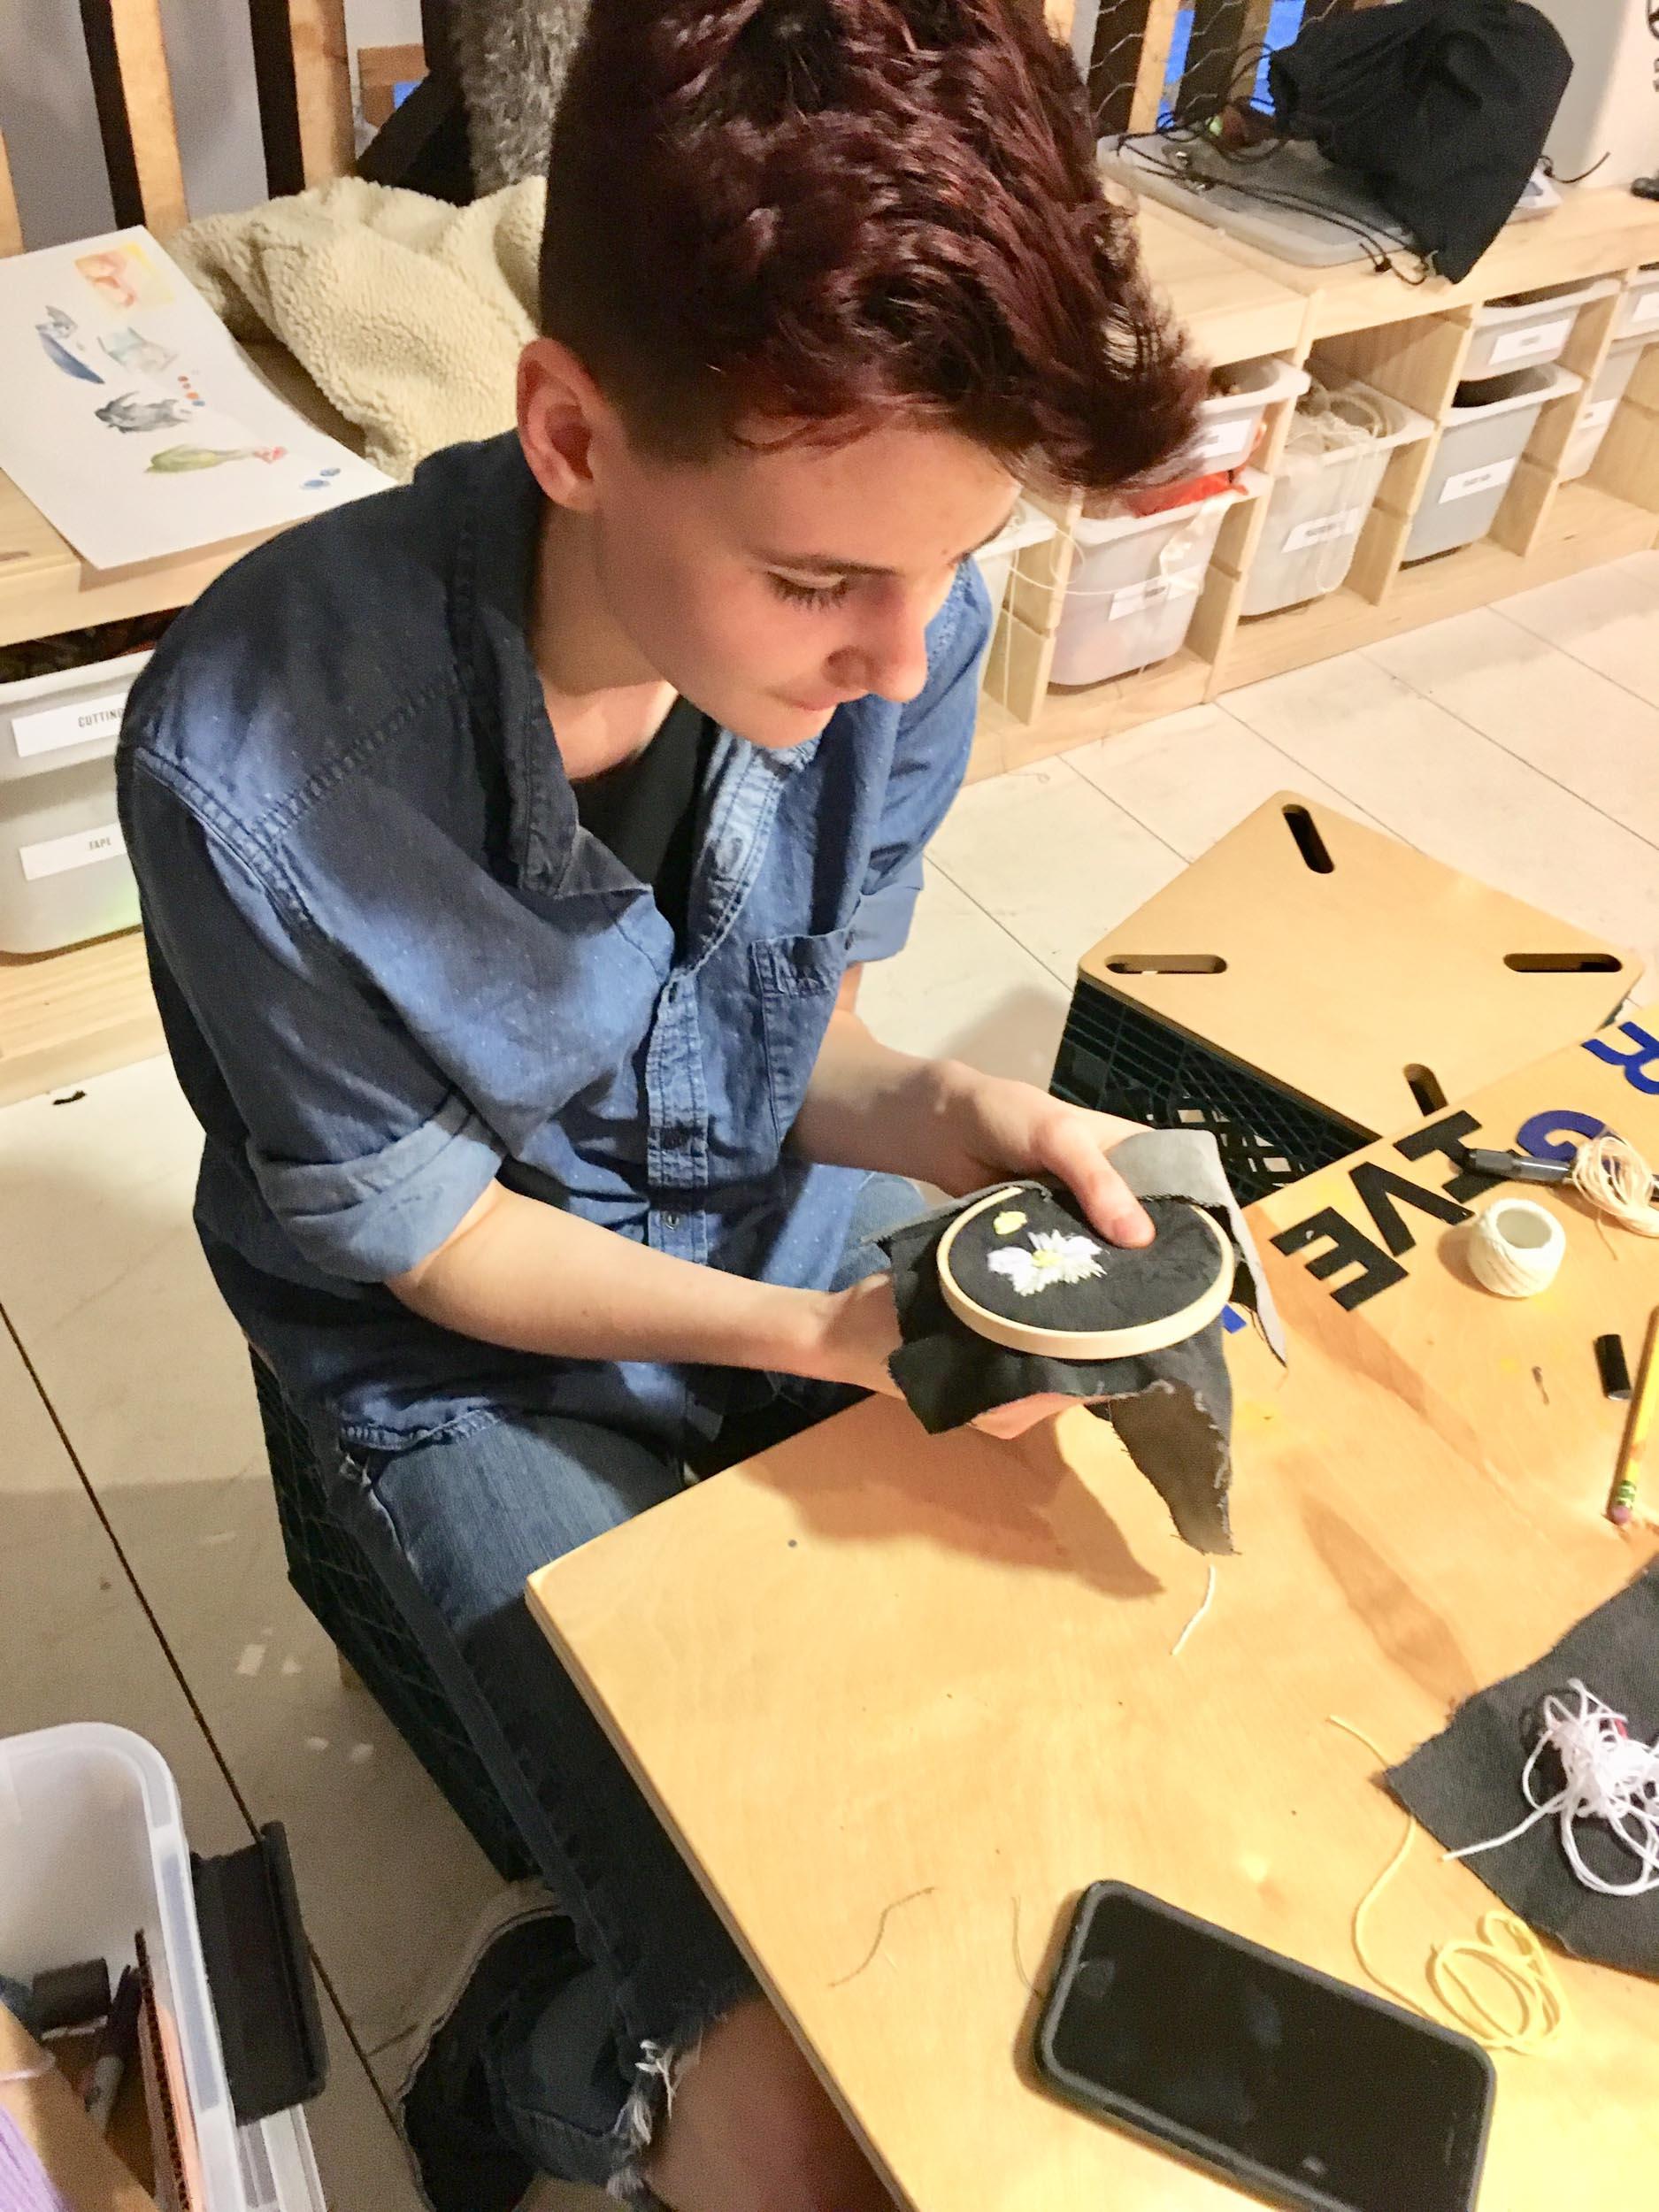 wassaic-project-education-fiber-arts-club-2018-04-17-19-34-37.jpg